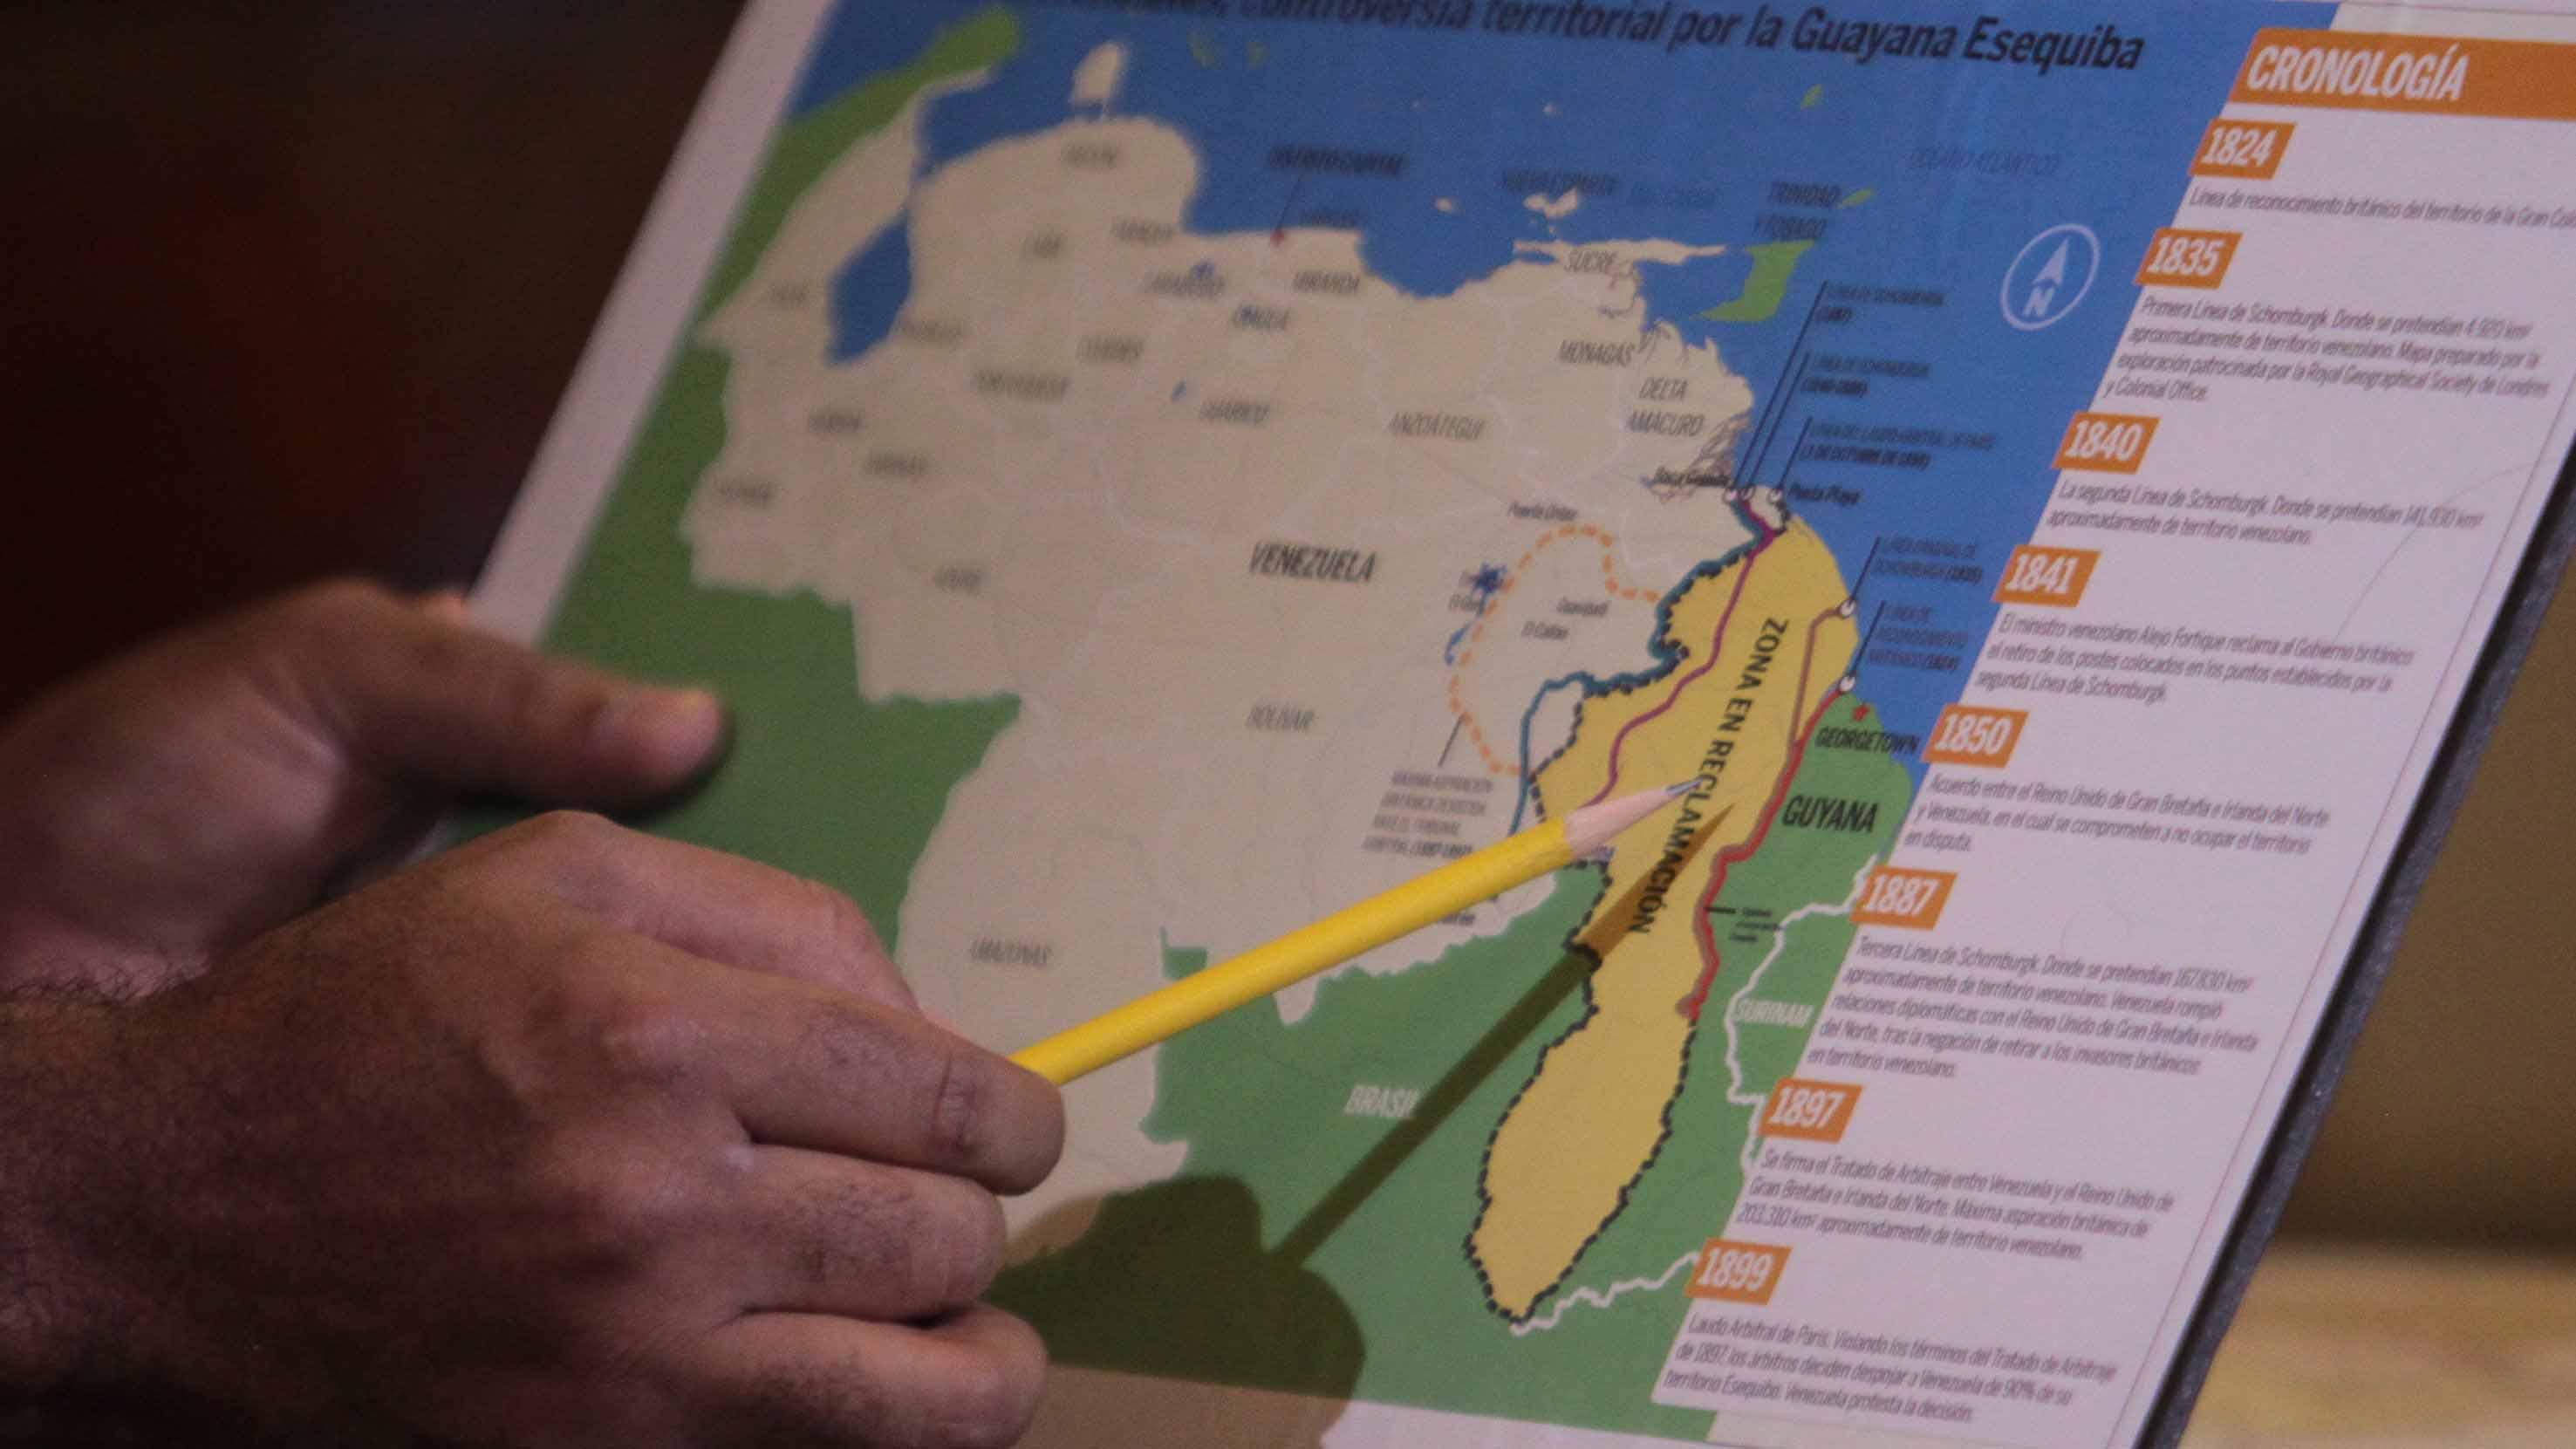 Doblellave-Venezuela podría enfrentar sanción de la ONU por disputa del Esequibo